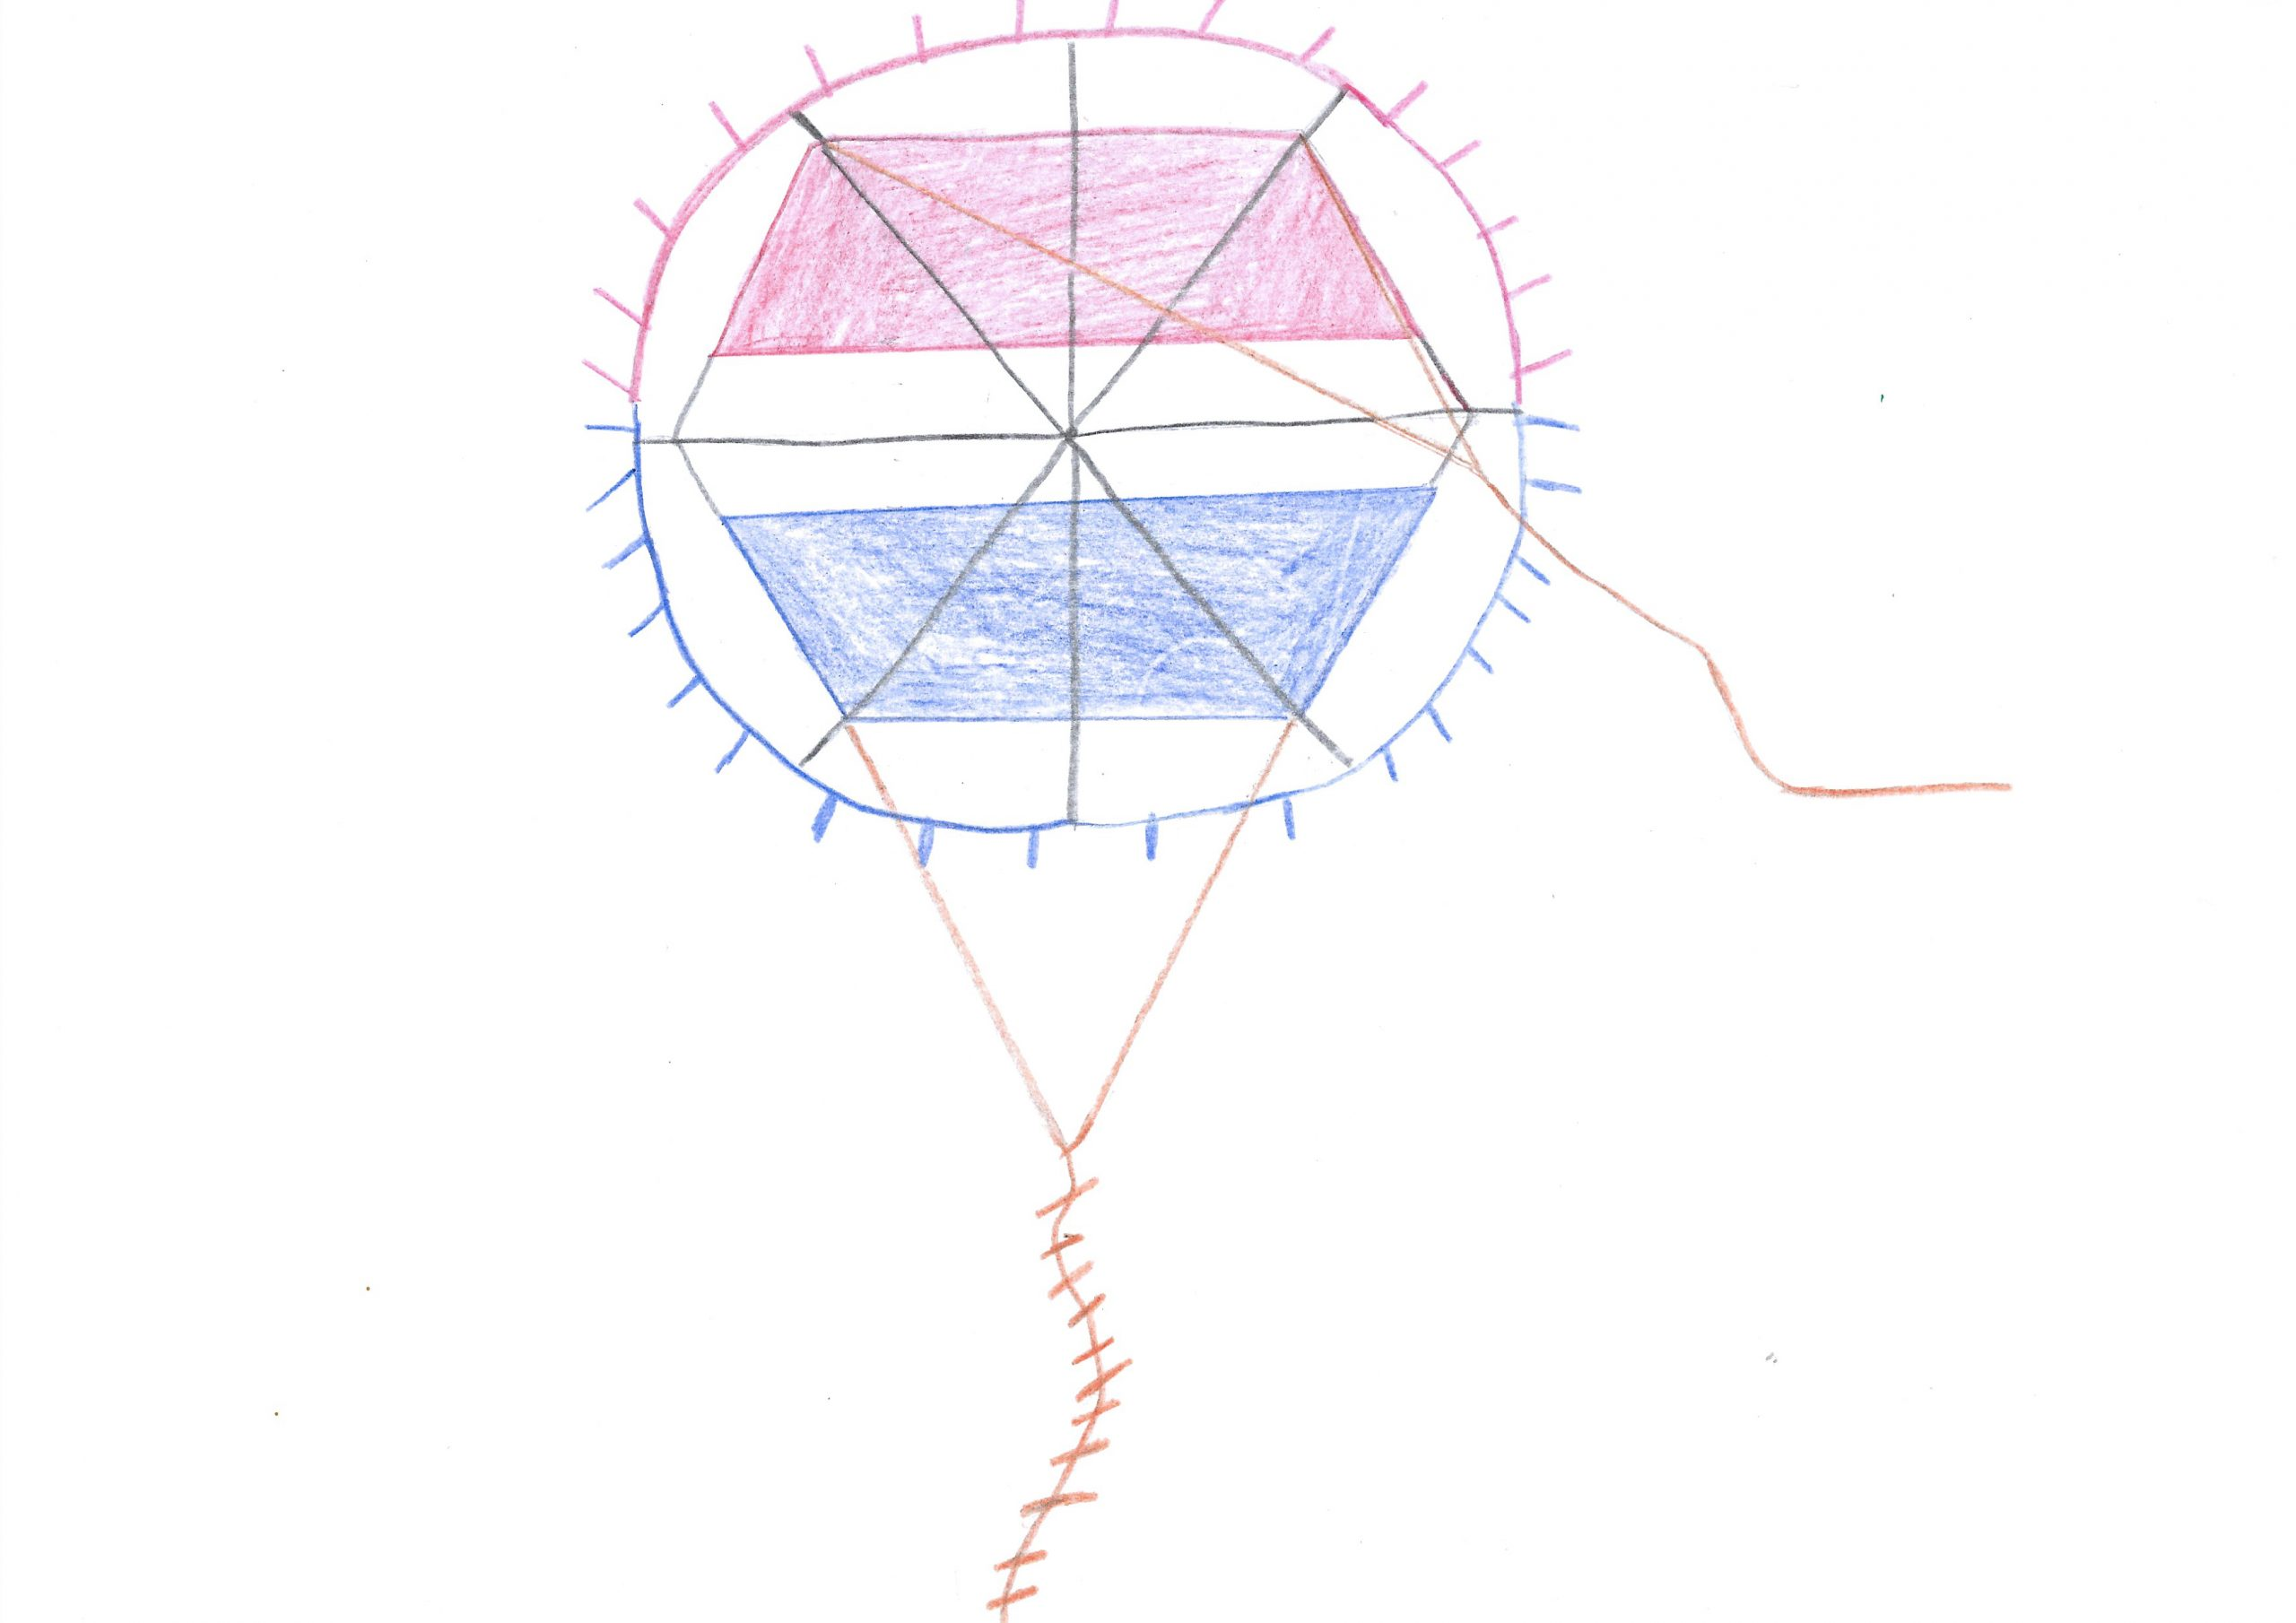 Pandorga — The kite